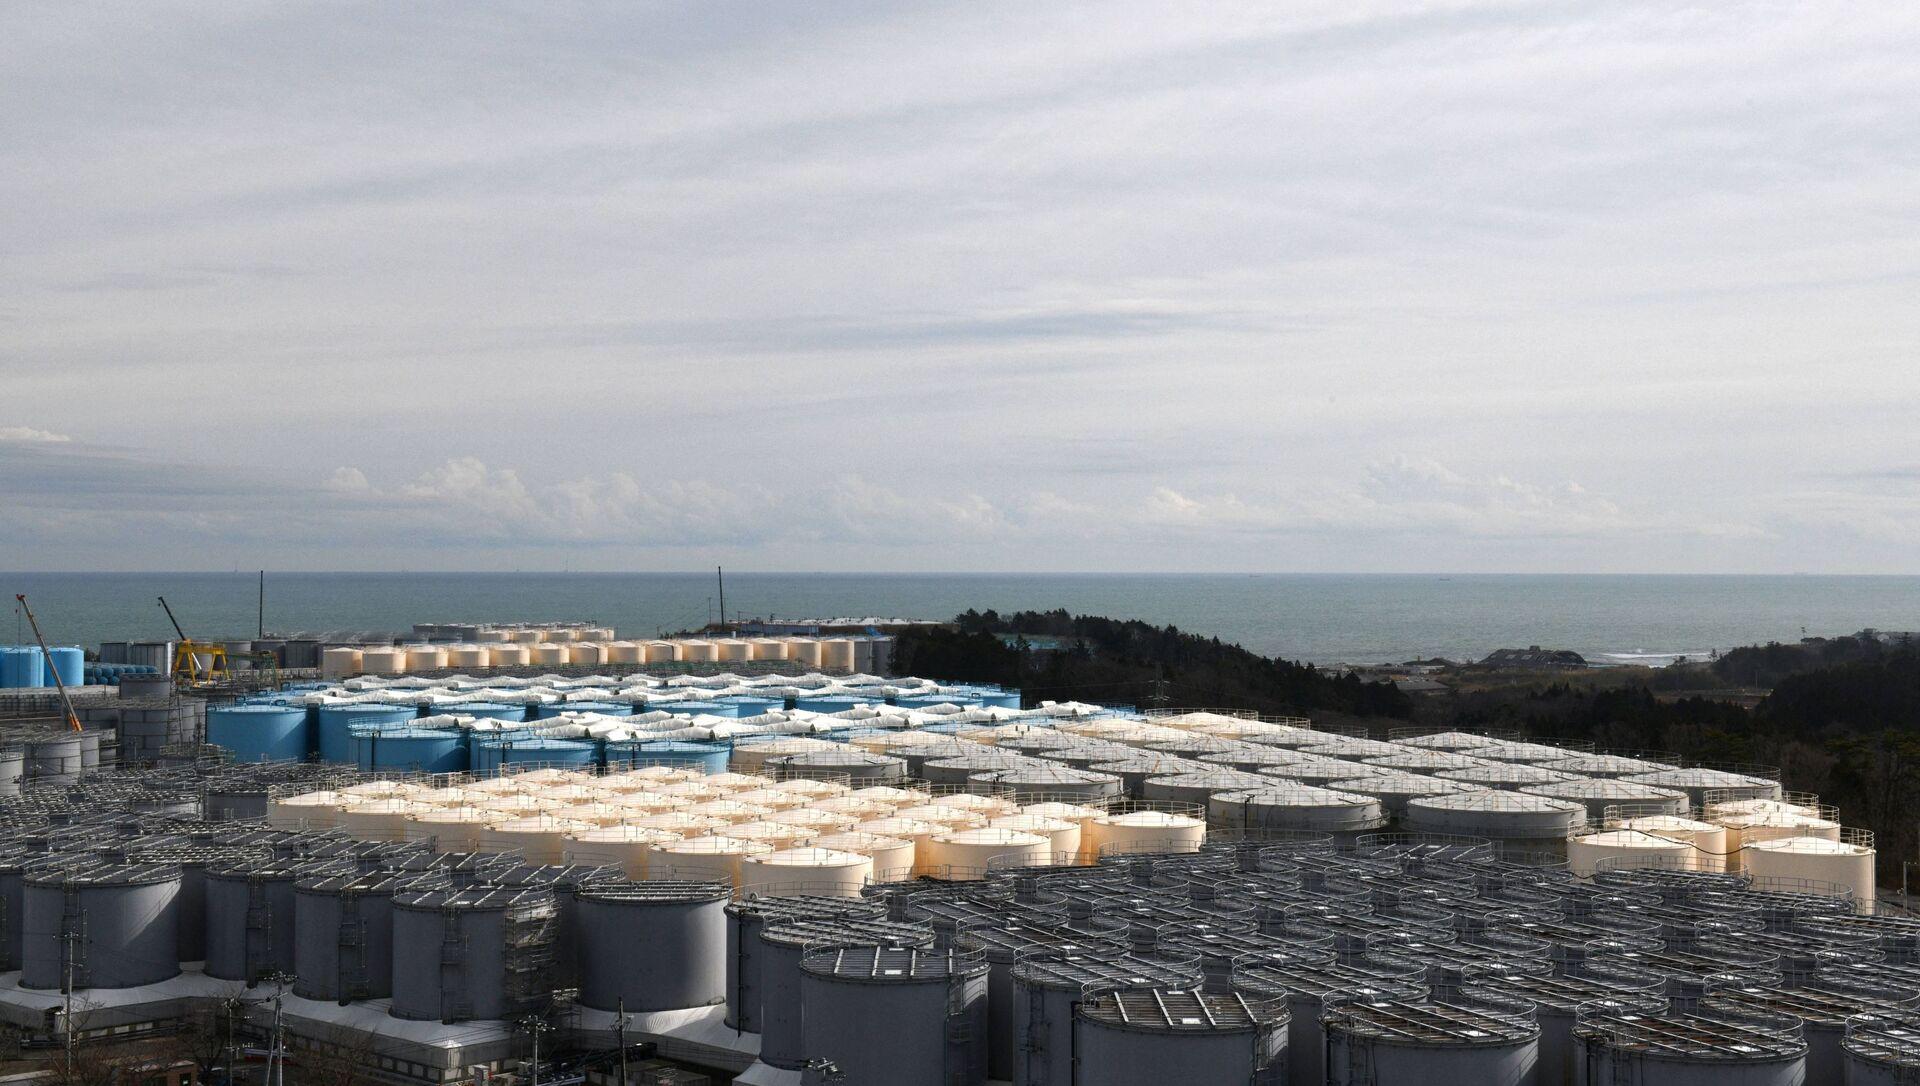 福島第一原発の処理済の汚水貯蔵タンク - Sputnik 日本, 1920, 13.04.2021